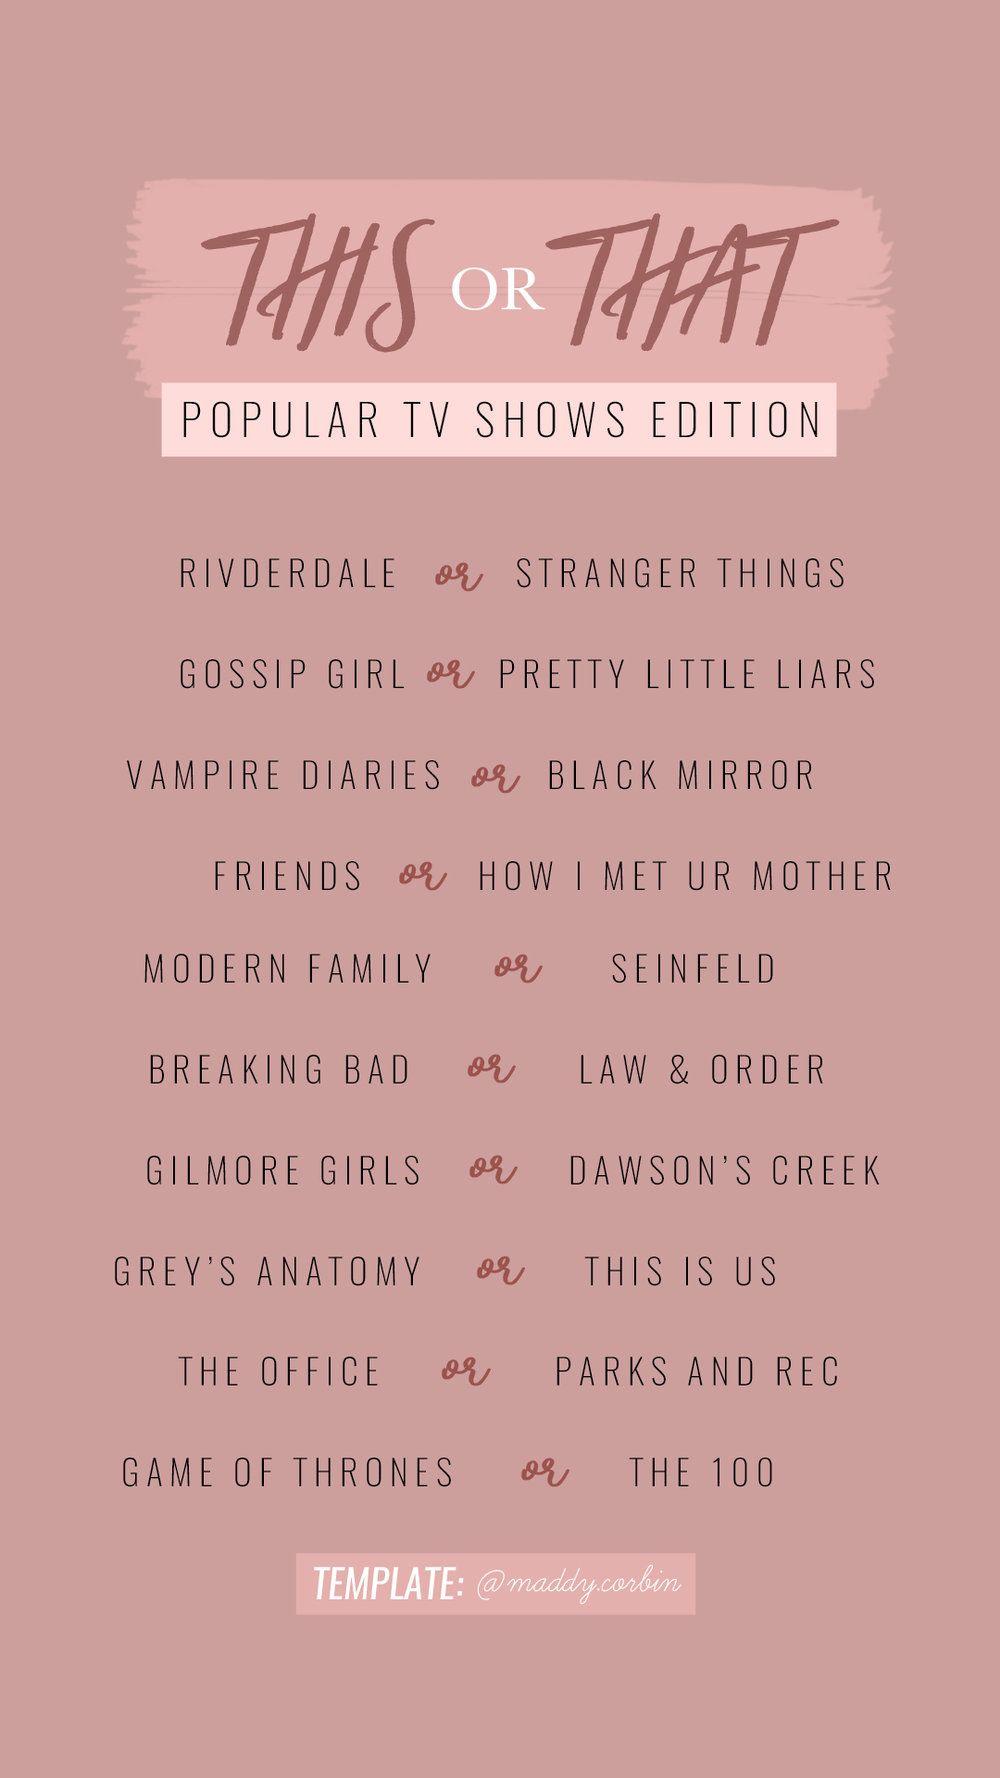 TELEVISION SHOWS — Maddy Corbin